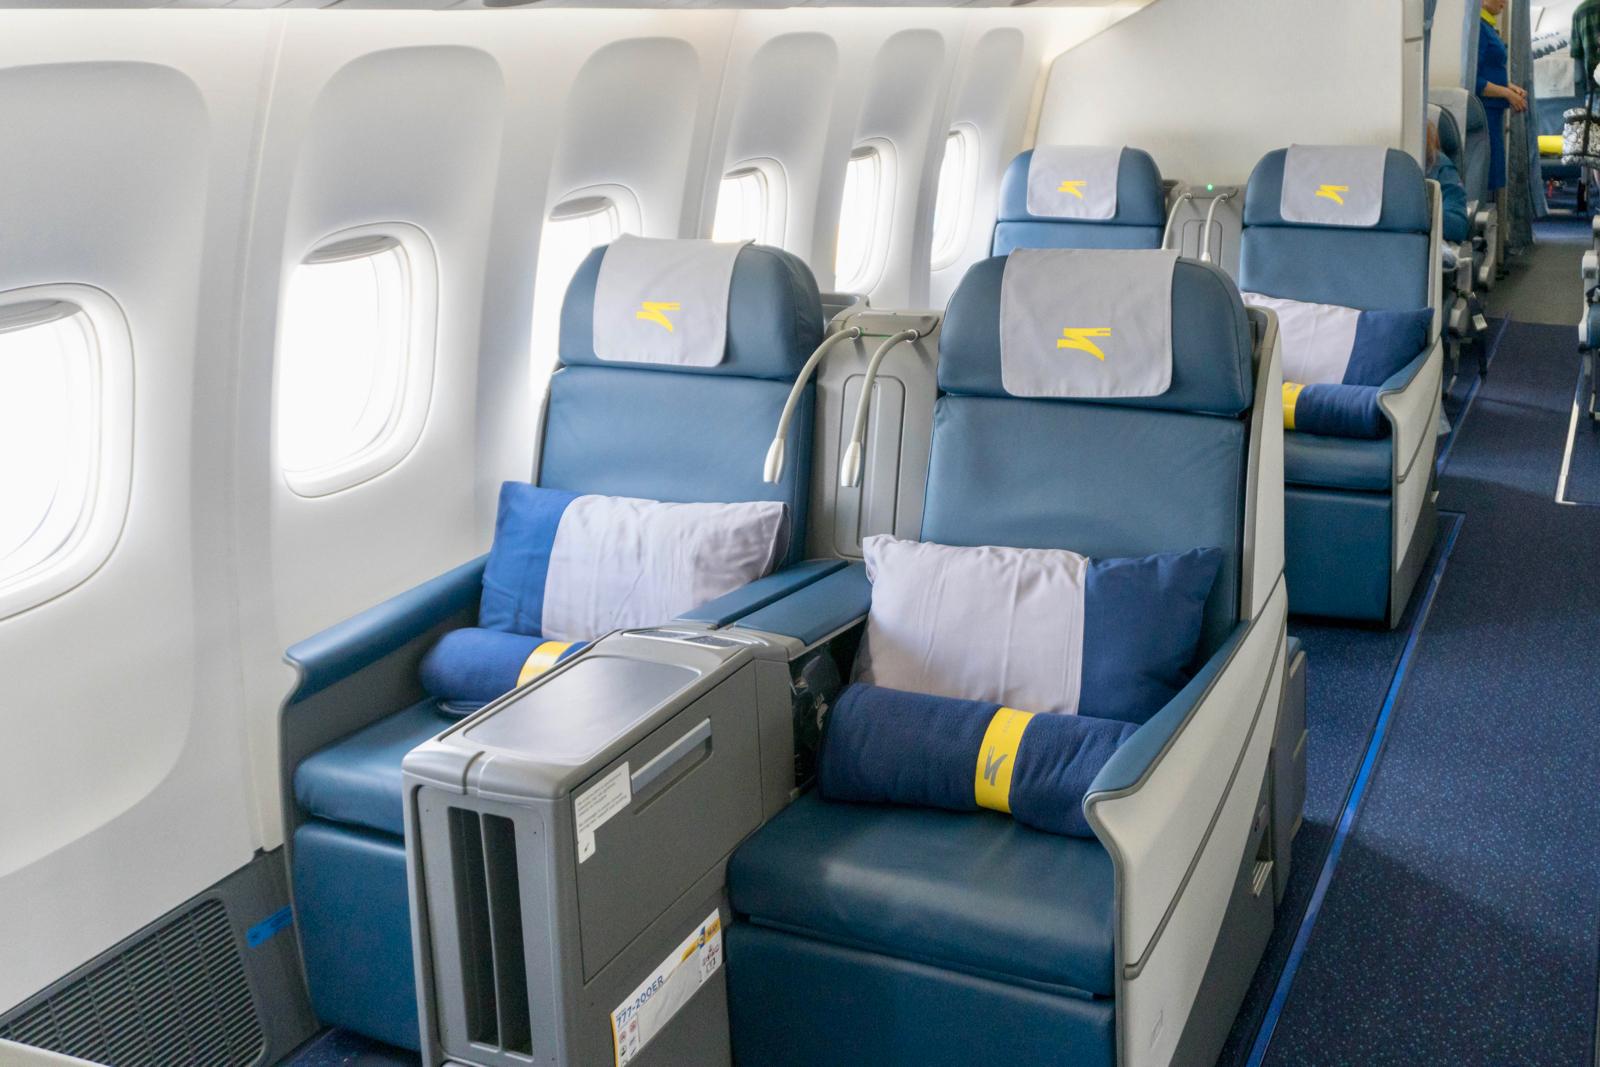 Boeing 777 Economy Seats